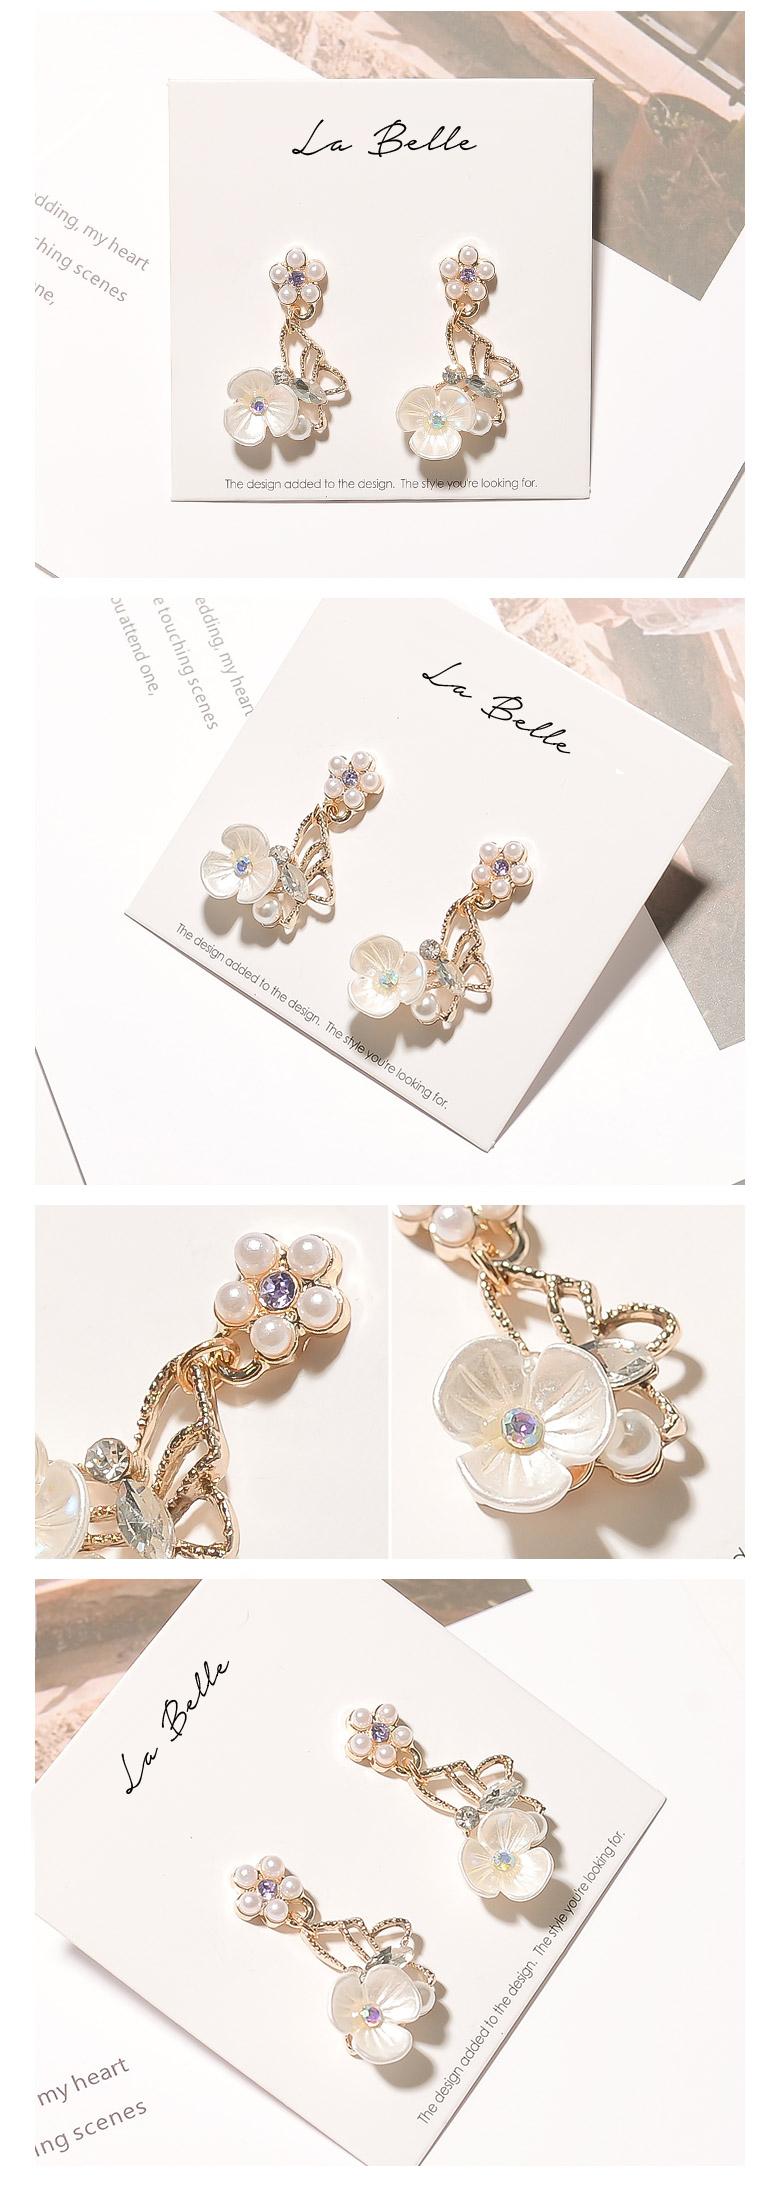 화이트 플라워 귀걸이(무니켈도금) - 라벨르, 12,000원, 진주/원석, 드롭귀걸이